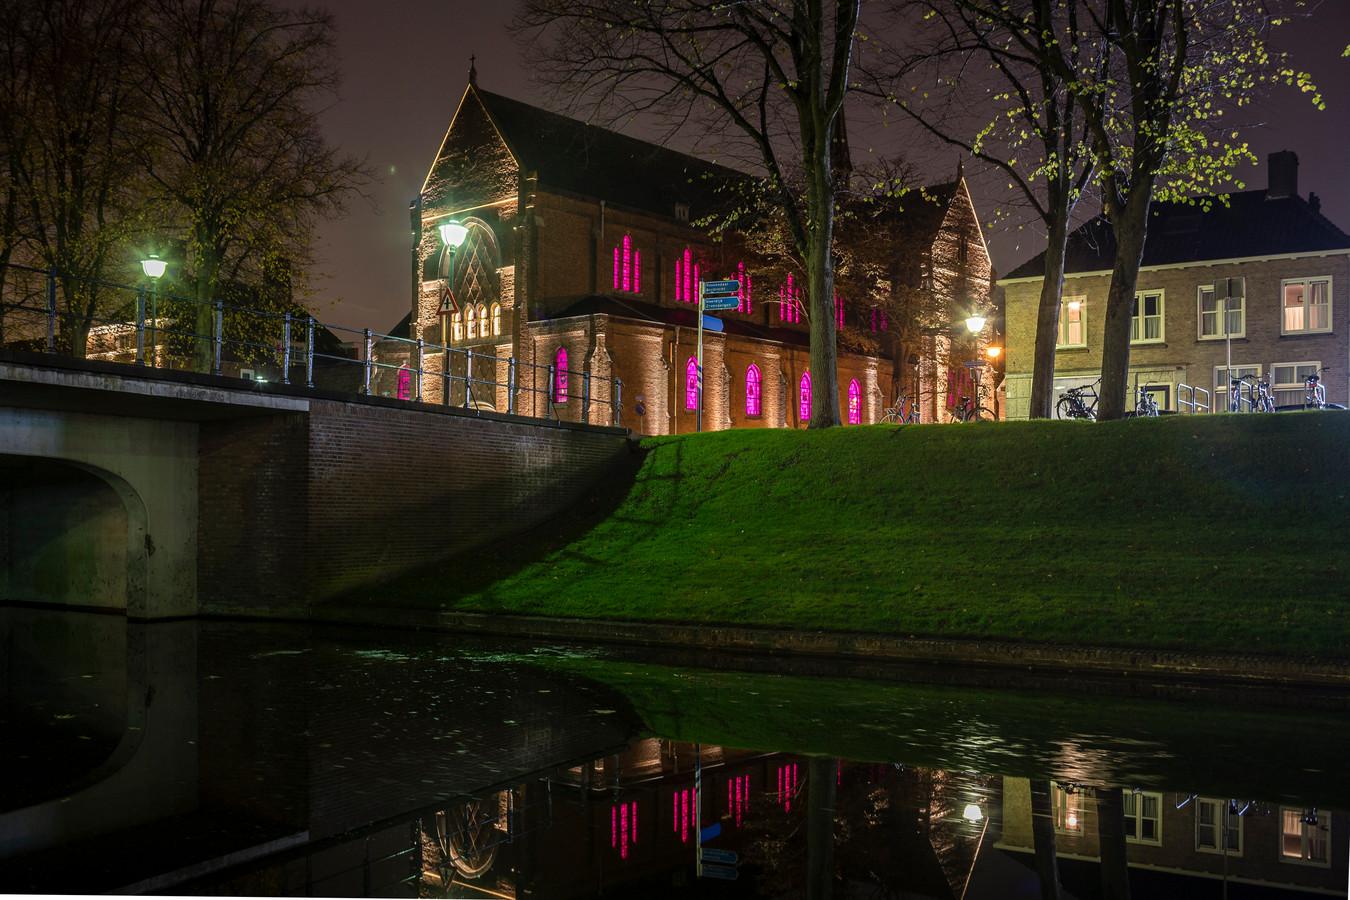 Het centrum van Klundert krijgt volgend jaar een facelift. Onder meer de Molenstraat en Voorstraat worden heringericht.